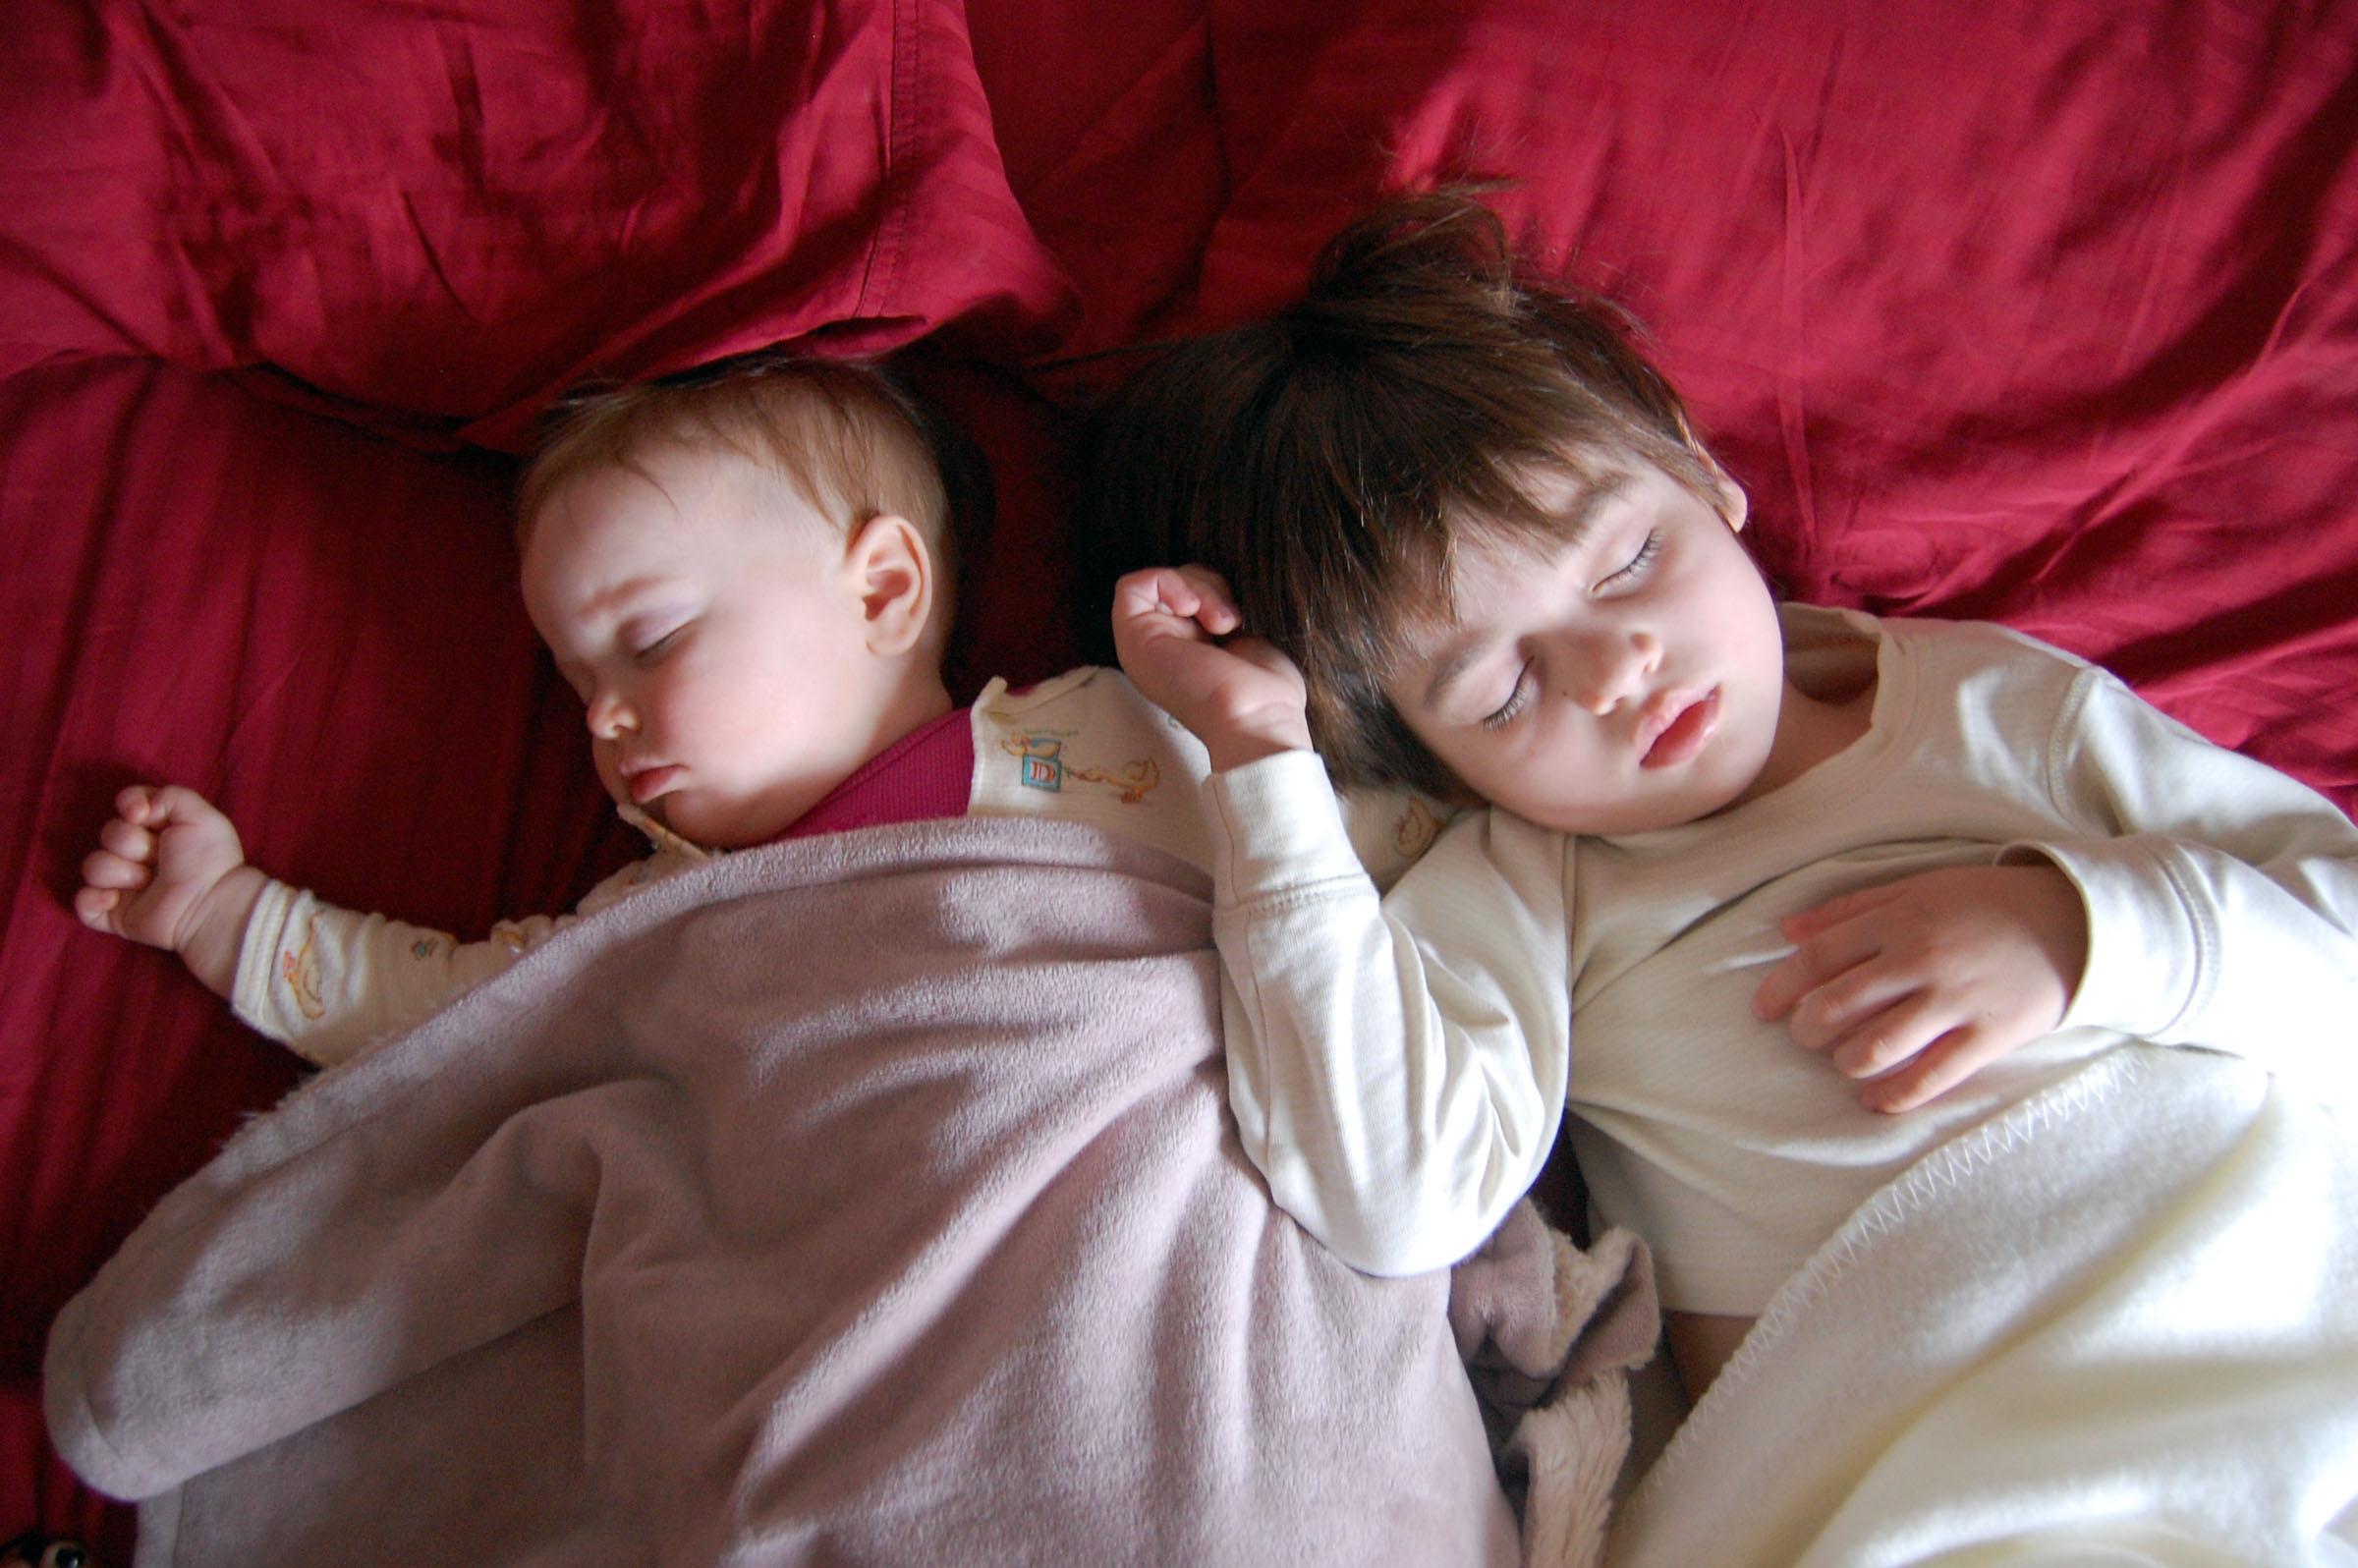 Запись голоса матери будит ребёнка лучше пожарной сигнализации